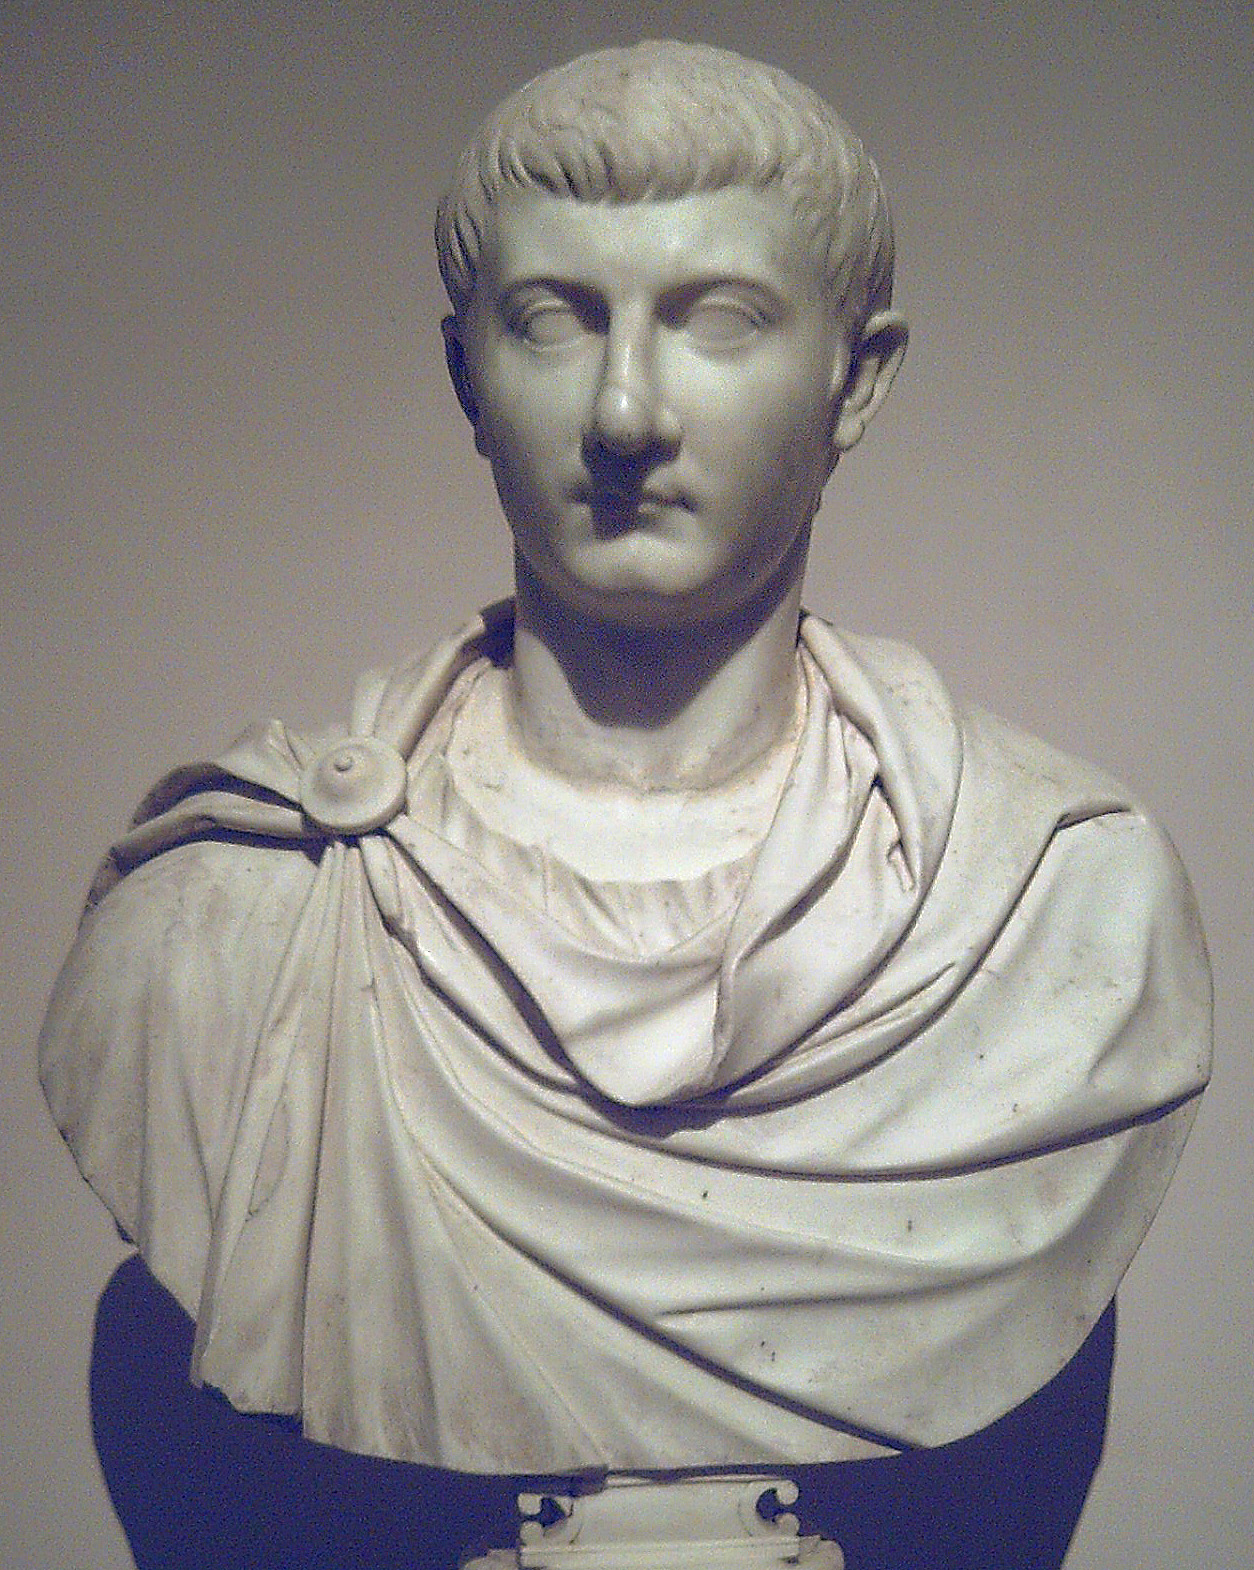 Retrato de JULIO CÉSAR DRUSO, llamado DRUSO EL MENOR. Siglo I d.C. Mármol. En el Museo del Prado (Madrid, España). Procedente de la Colección Real.